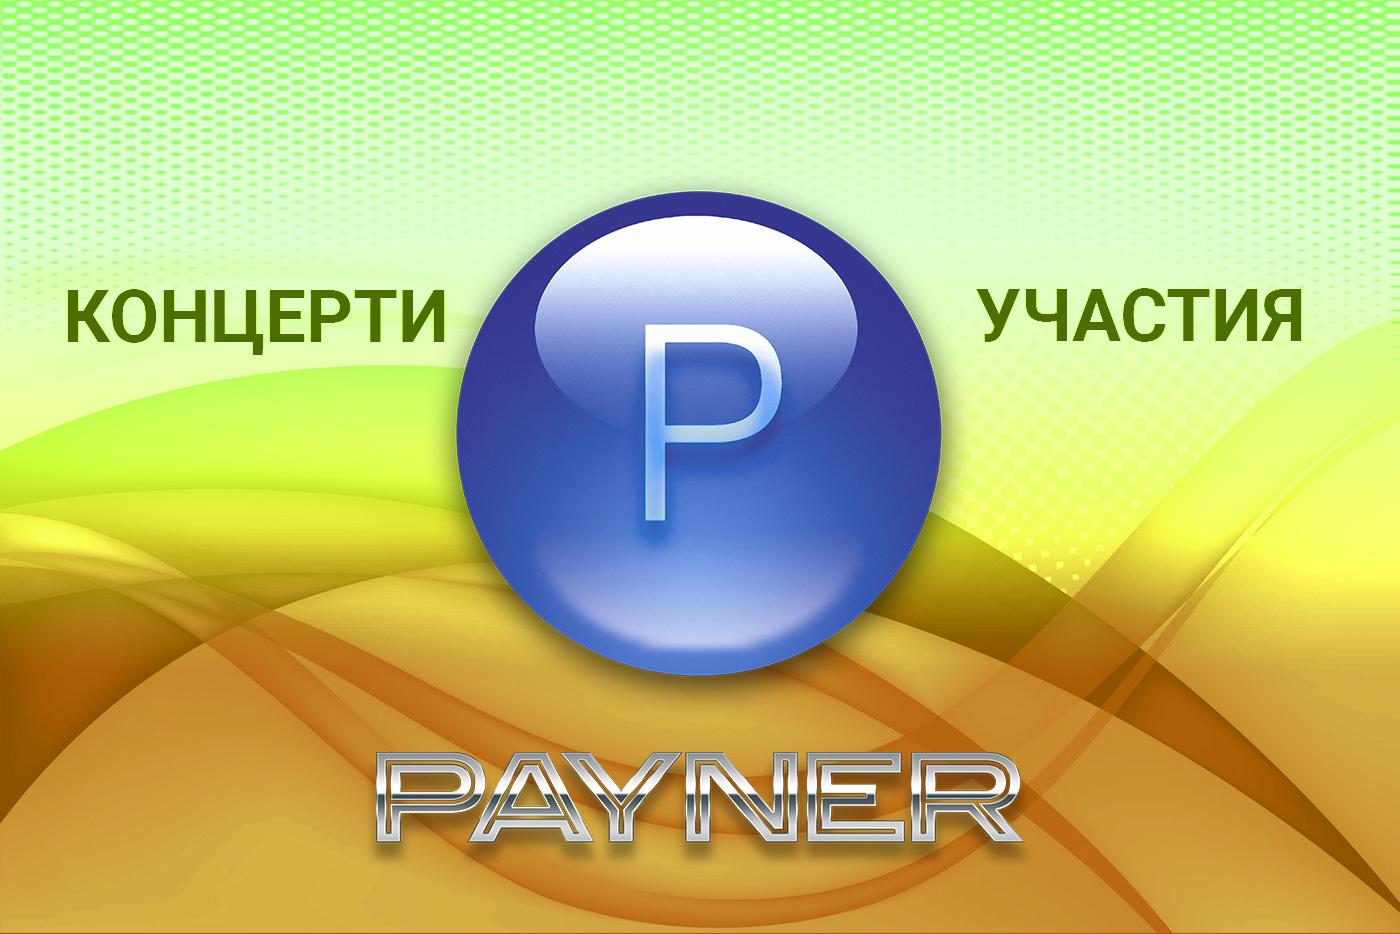 """Участия на звездите на """"Пайнер"""" на 06.10.2019"""